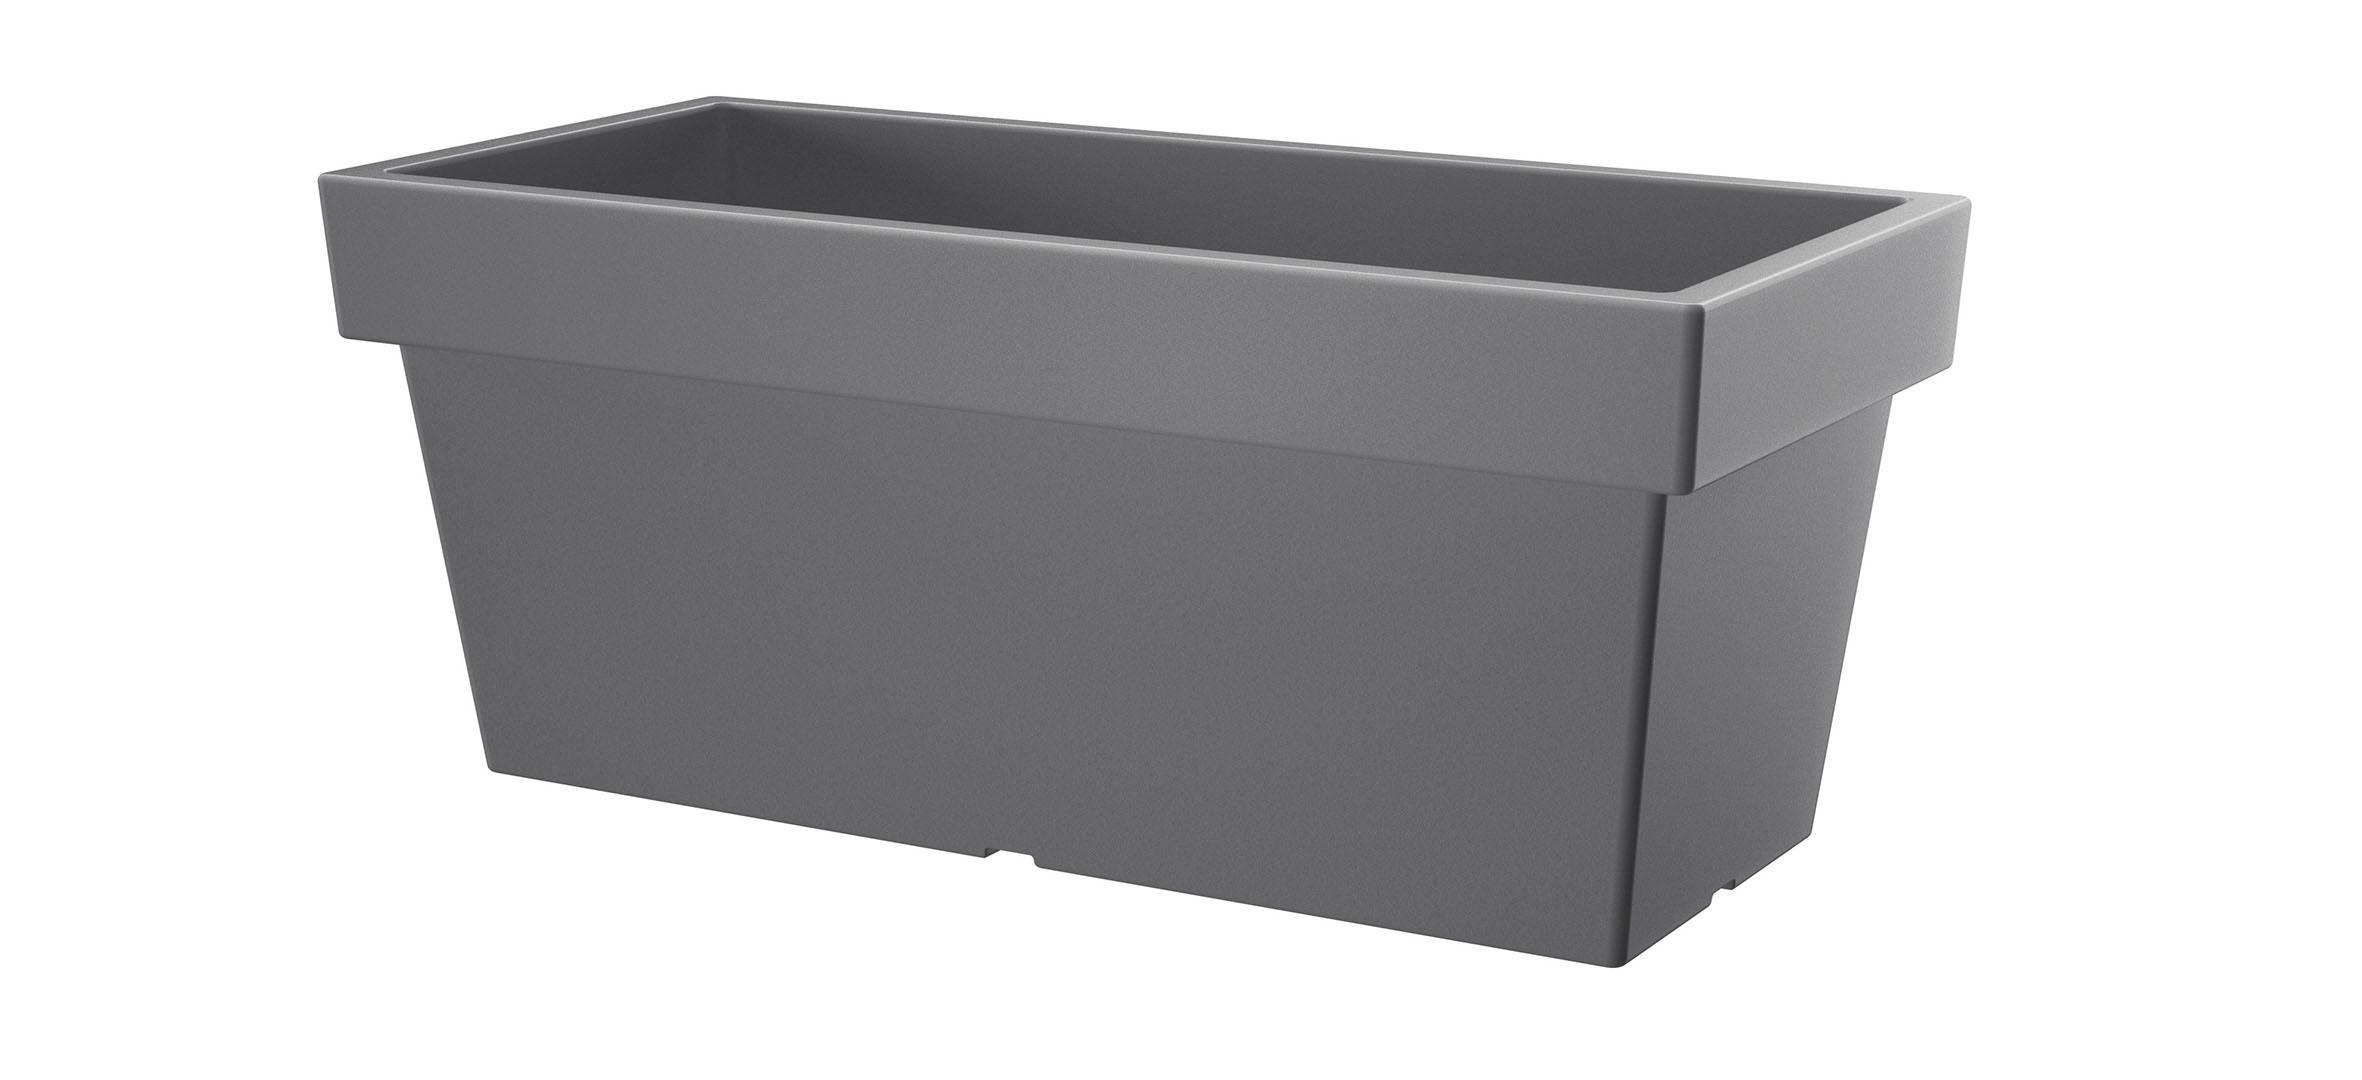 PROSPERPLAST Truhlík LOFLY CASE šedý kámen 57,8cm